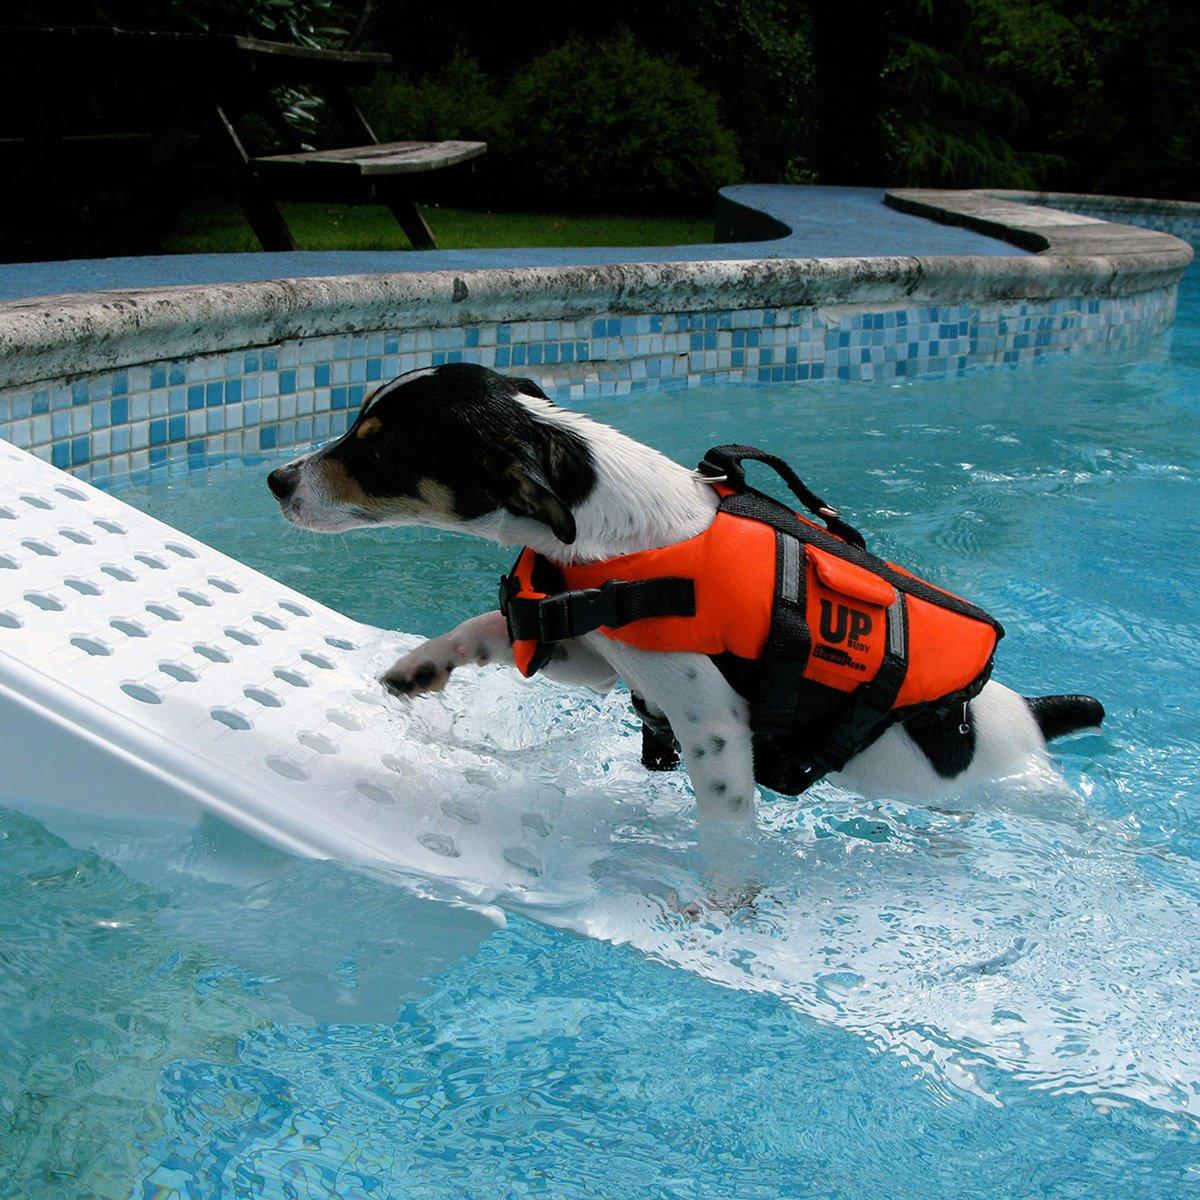 Skamper Ramp Swimming Pool Pet Ramp The Green Head